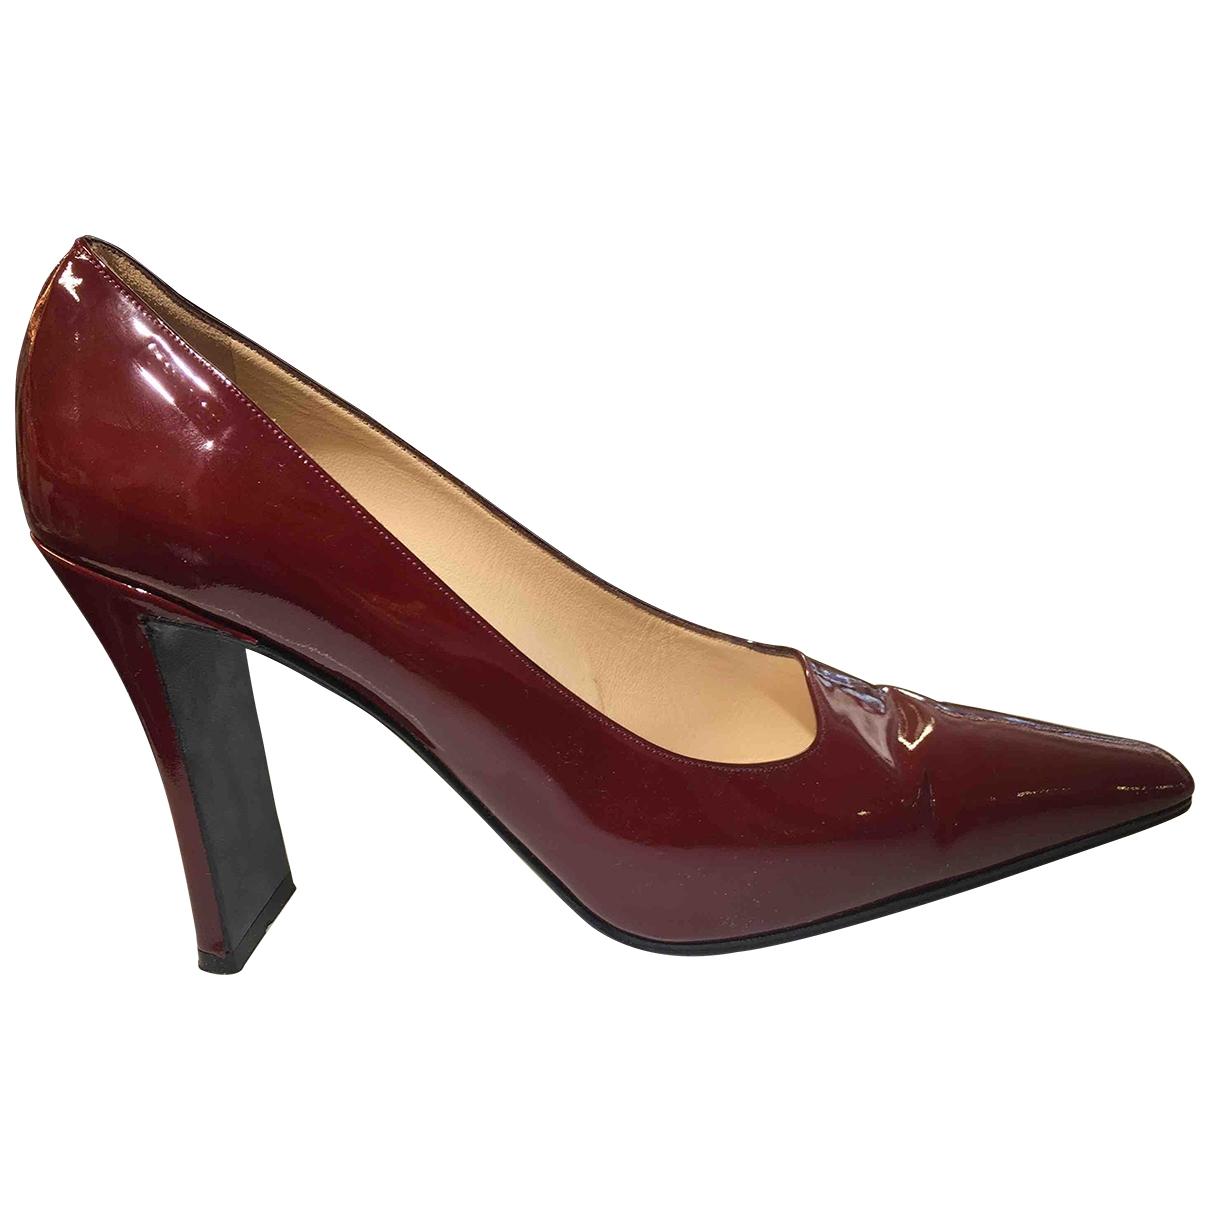 Chanel - Escarpins   pour femme en cuir verni - bordeaux